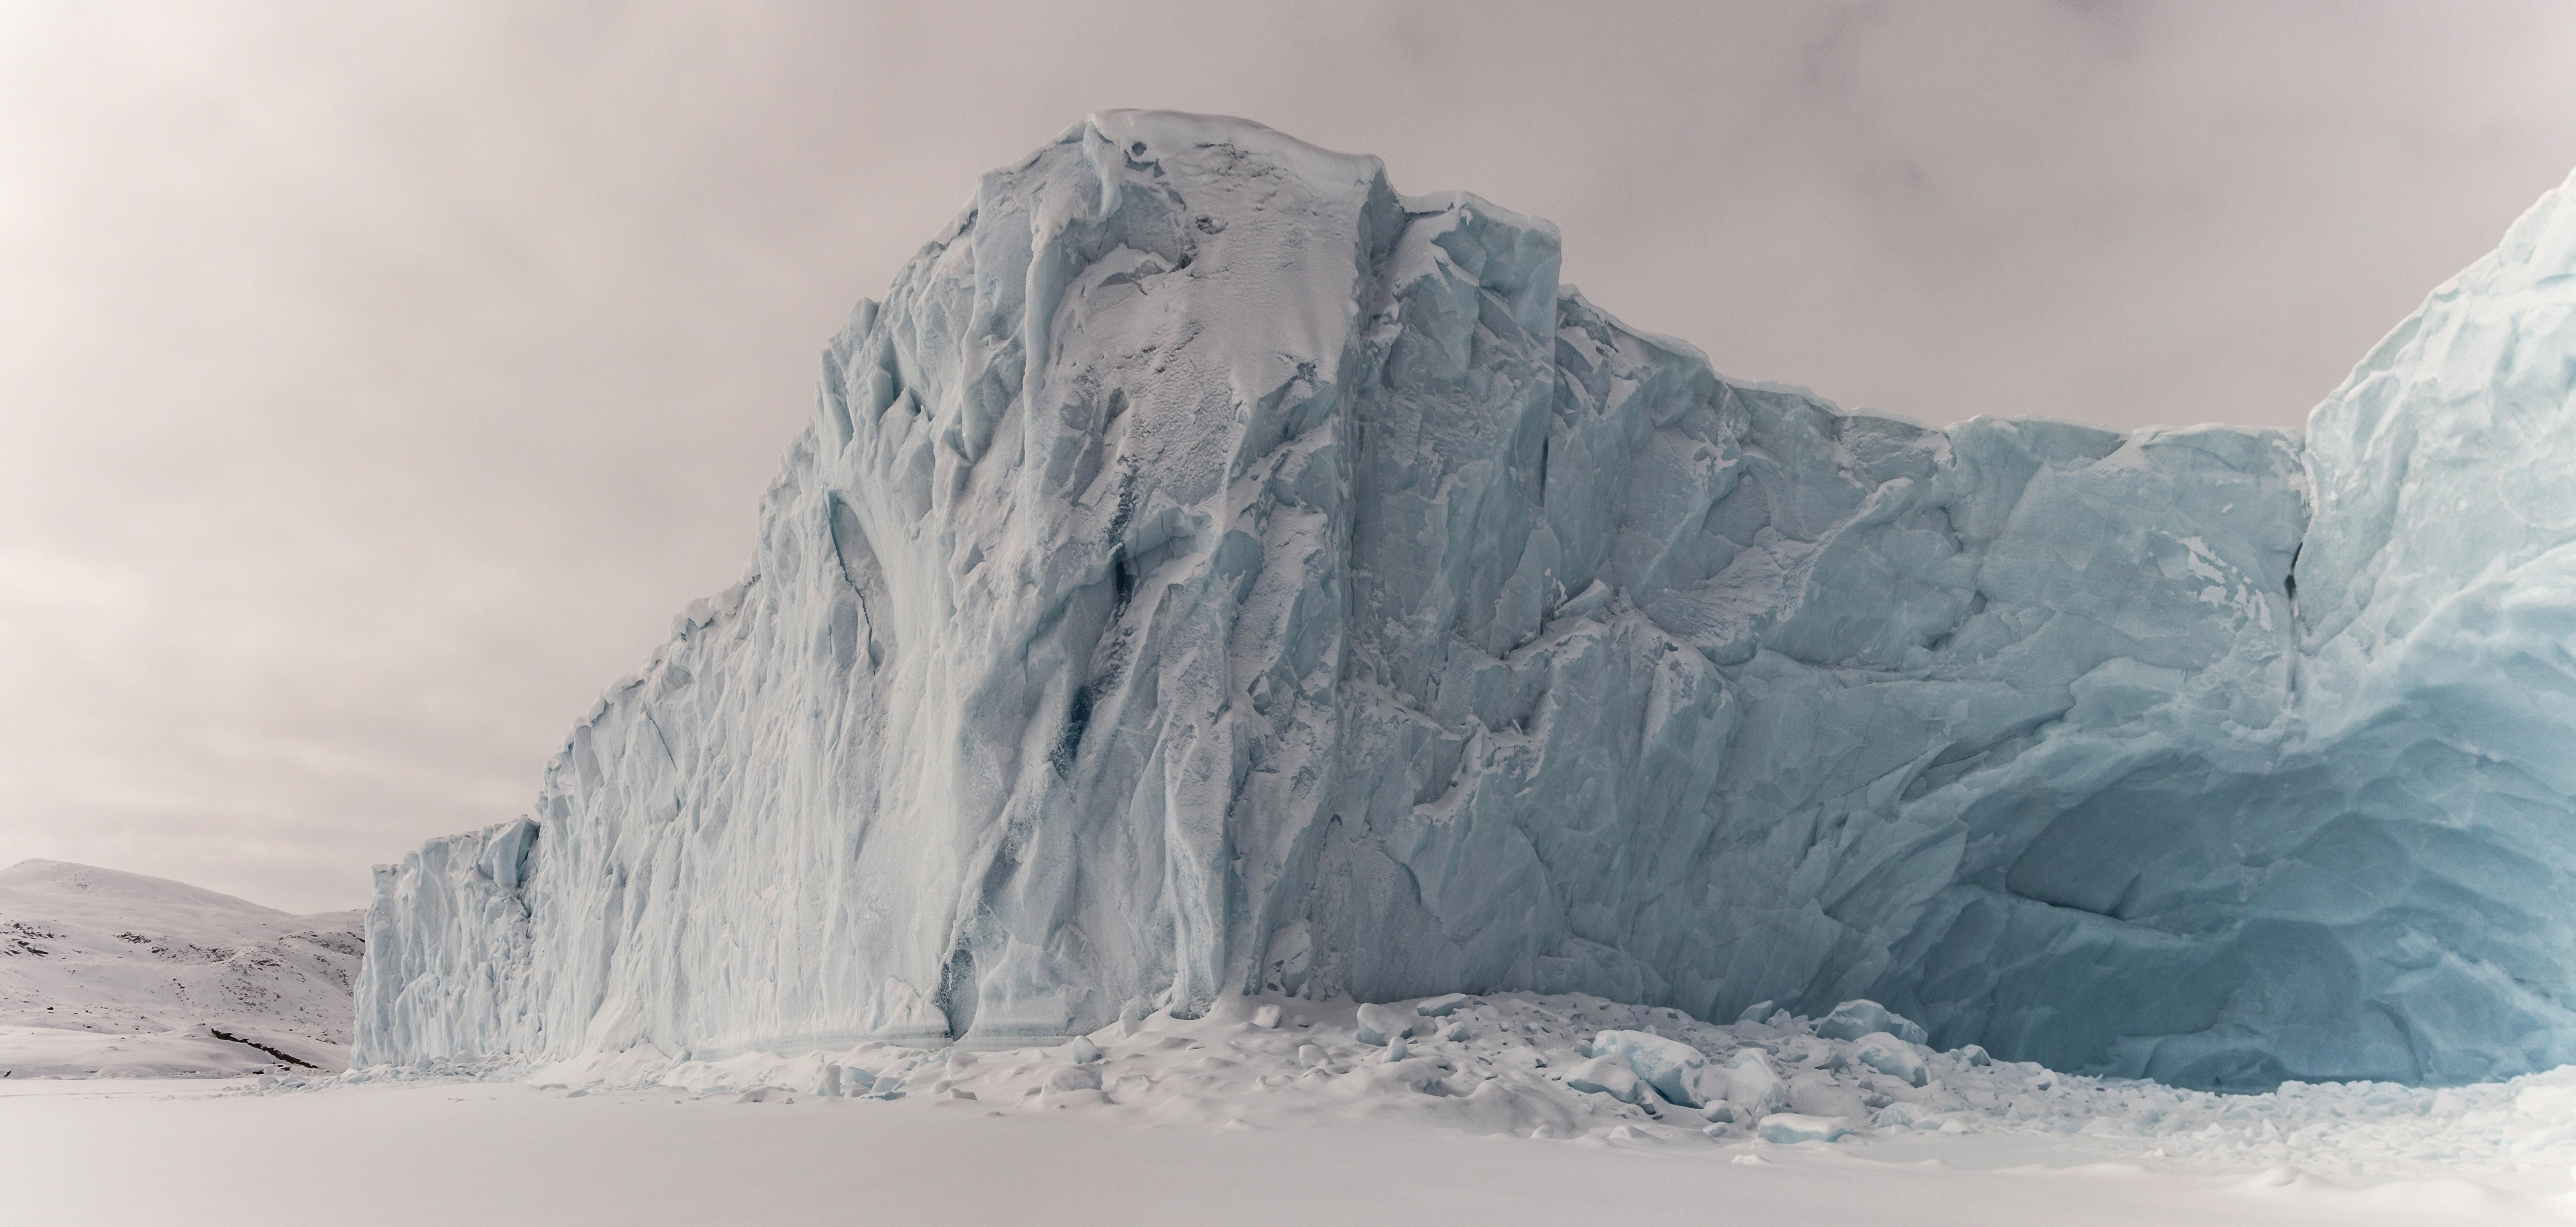 Одно из периодических плейстоценовых похолоданий стало настолько суровым, что запустило процессы, в результате которых климат Земли изменился навсегда.